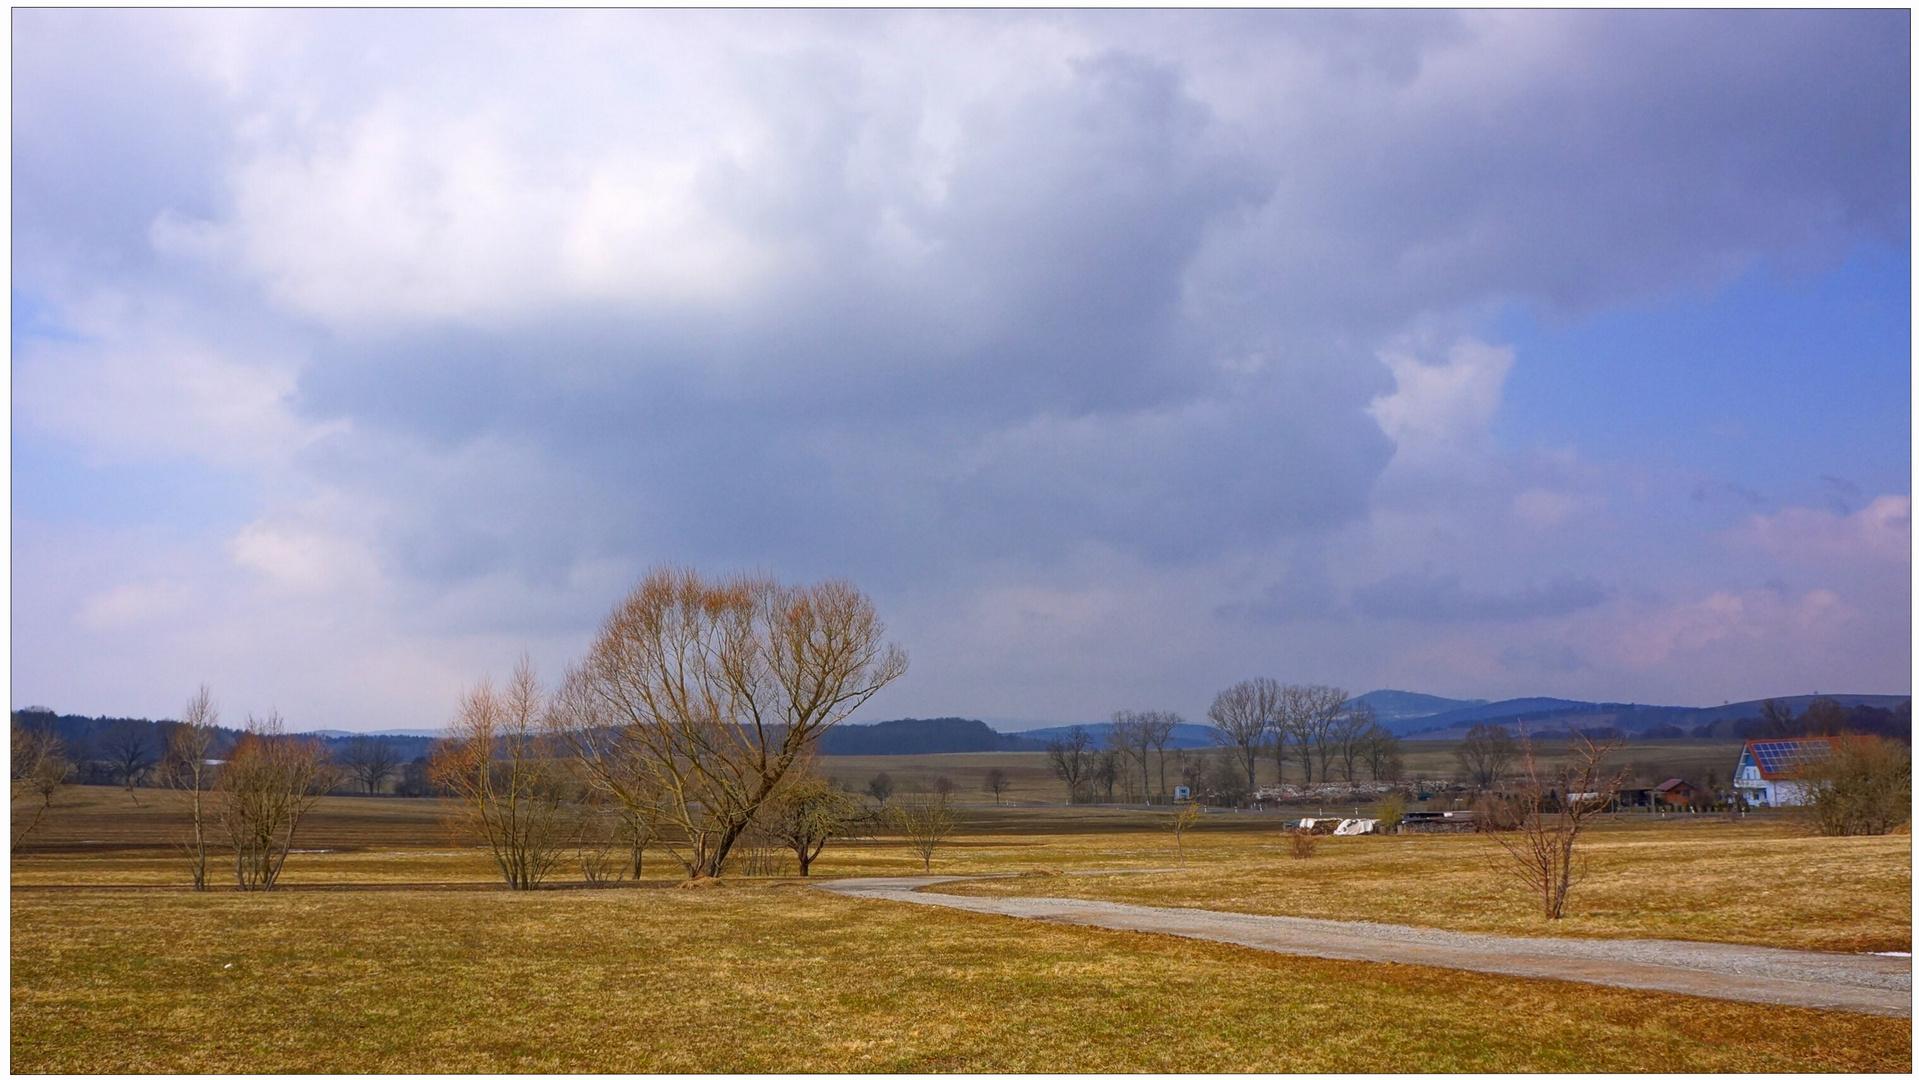 Sehnsucht nach dem Frühling (tener añoranza de la primavera)